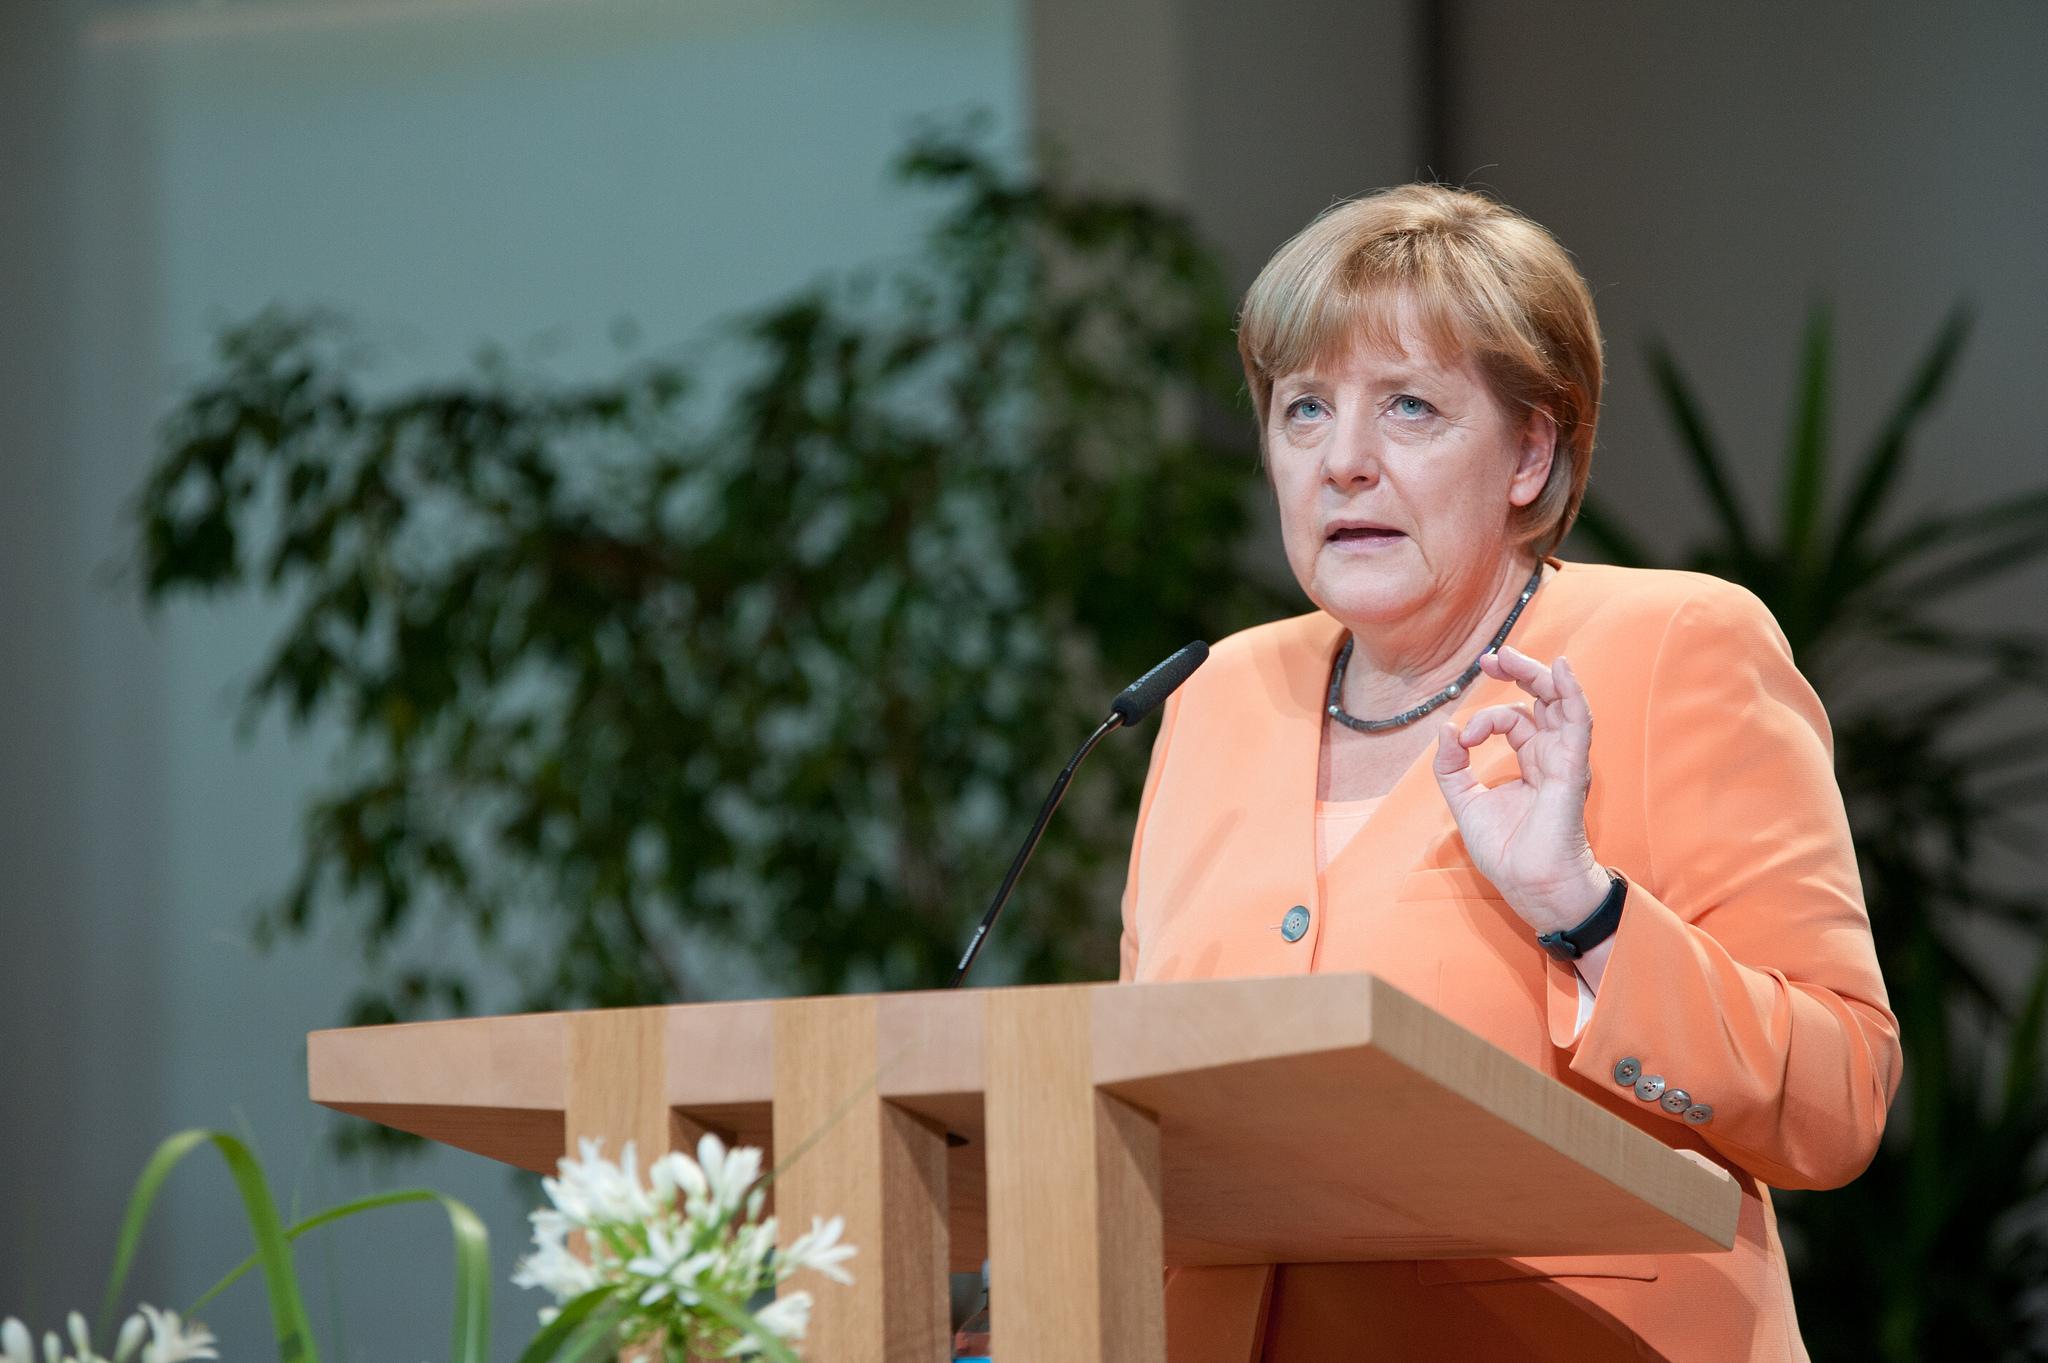 Angela Merkel und Francois Hollande haben eine engere Zusammenarbeit zur Stärkung der digitalen Wirtschaft vereinbart.